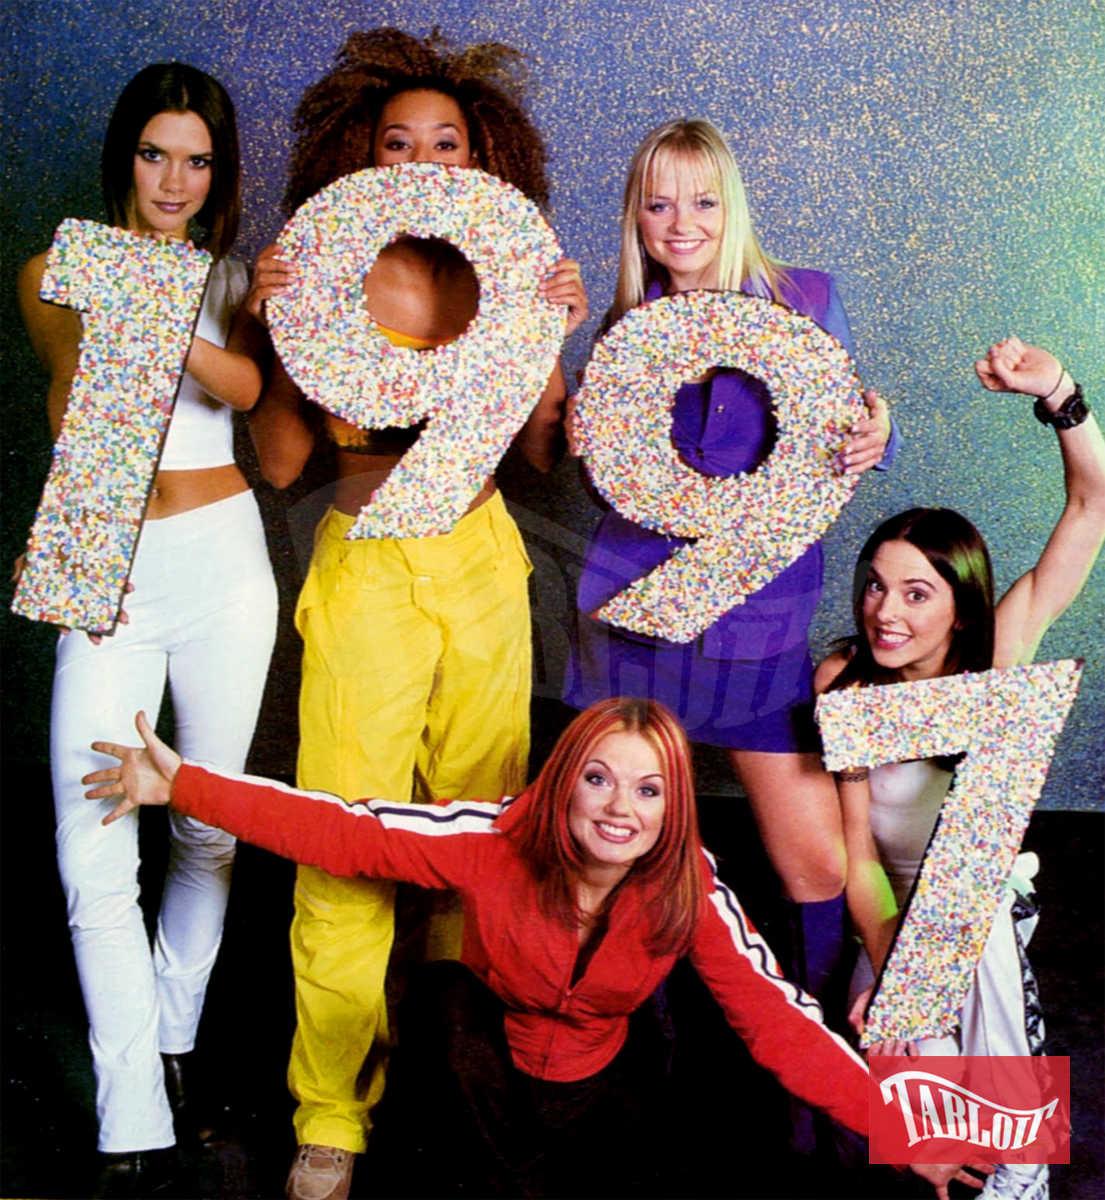 Le Spice Girls sono prime nella classifica delle girl band più famose e di maggior successo di sempre con oltre 75 milioni di dischi venduti